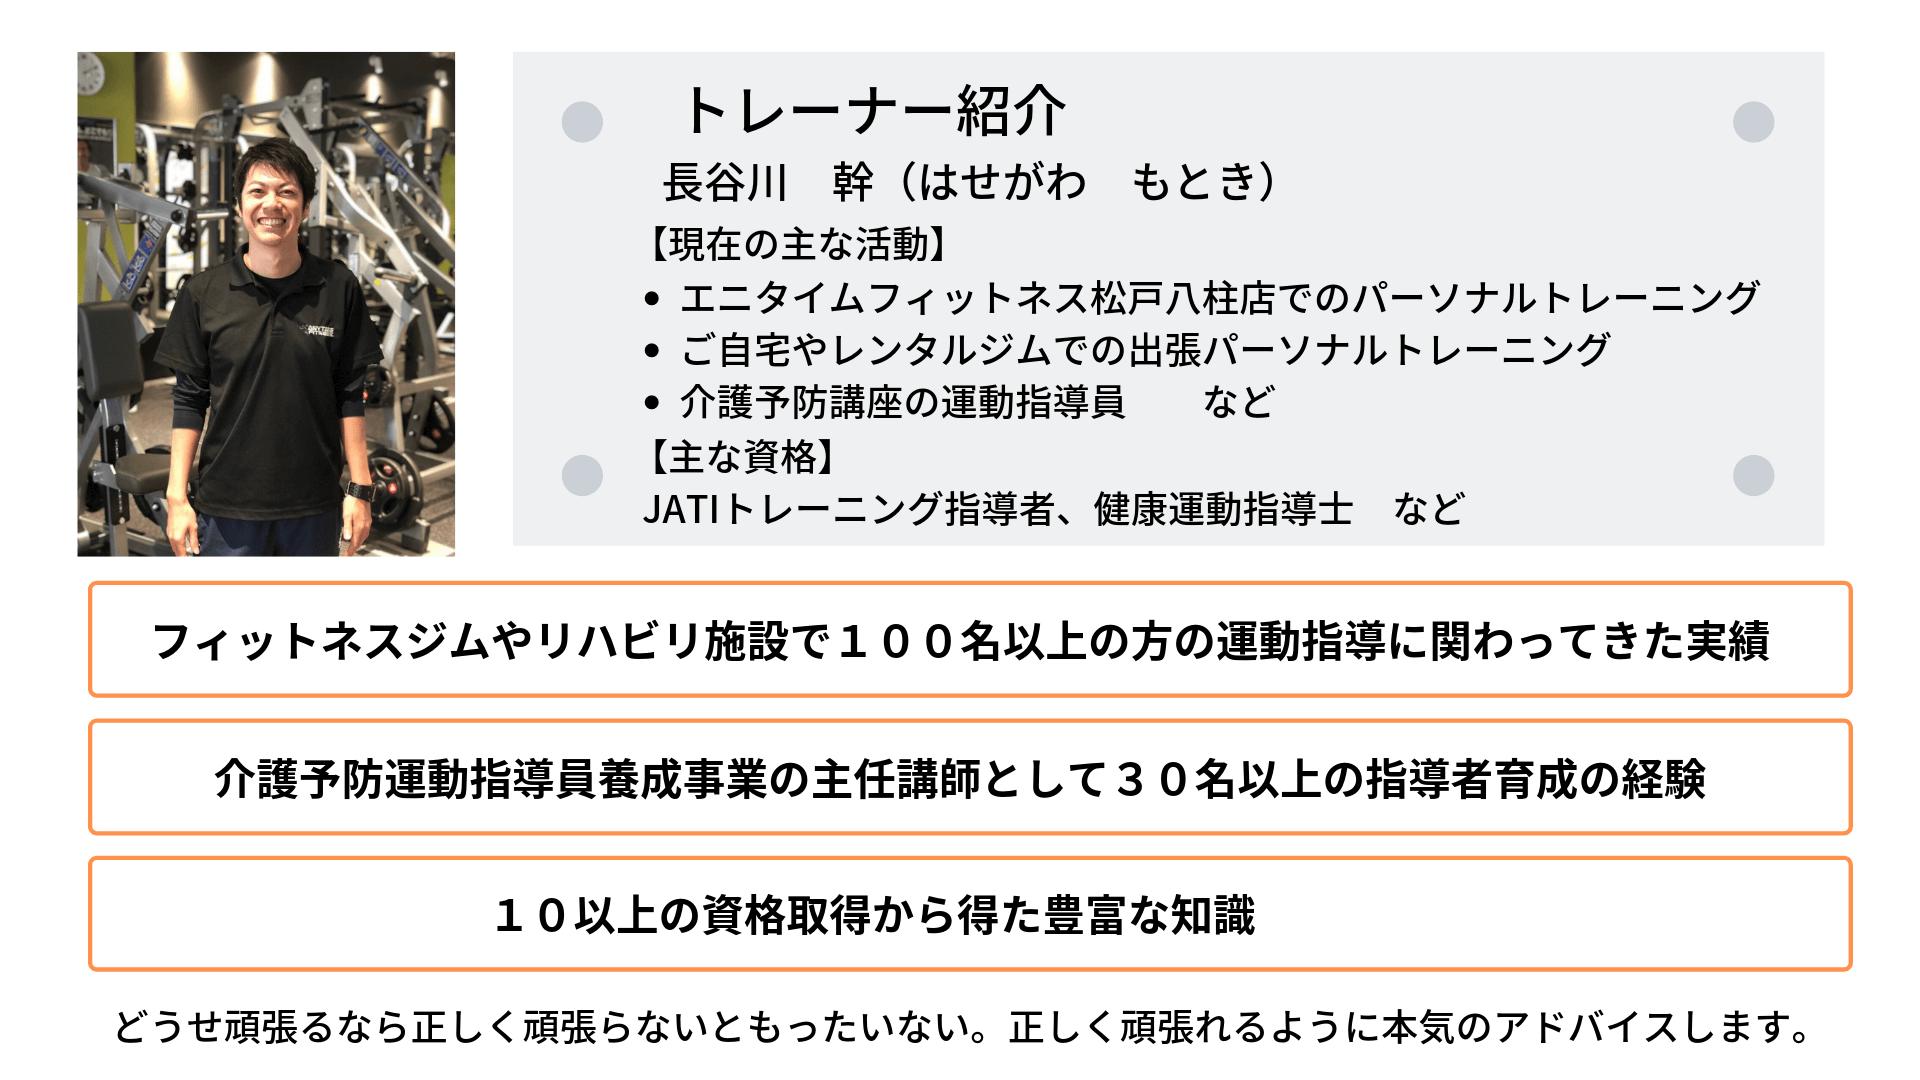 LPページ 自己紹介